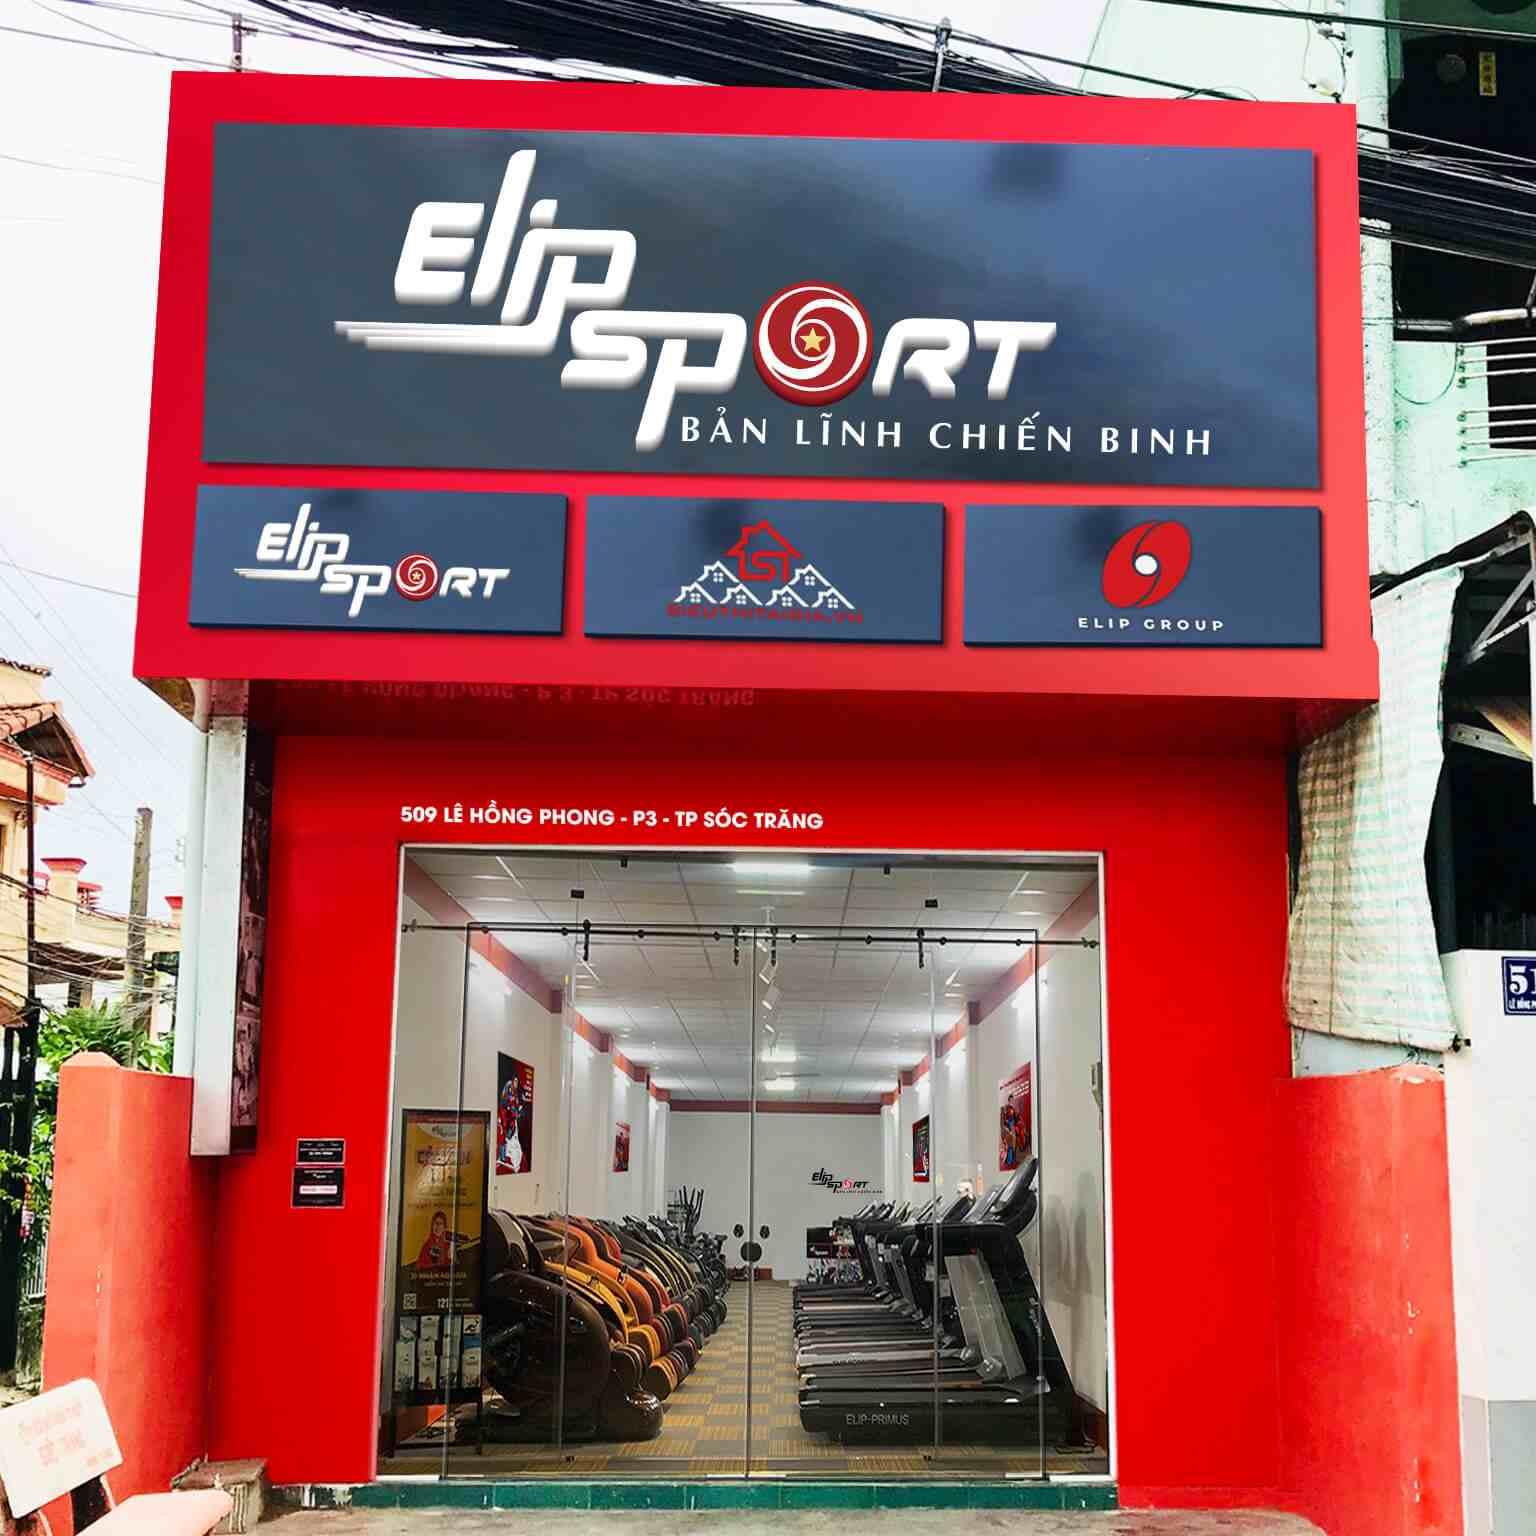 Hình ảnh của chi nhánh Elipsport Sóc Trăng